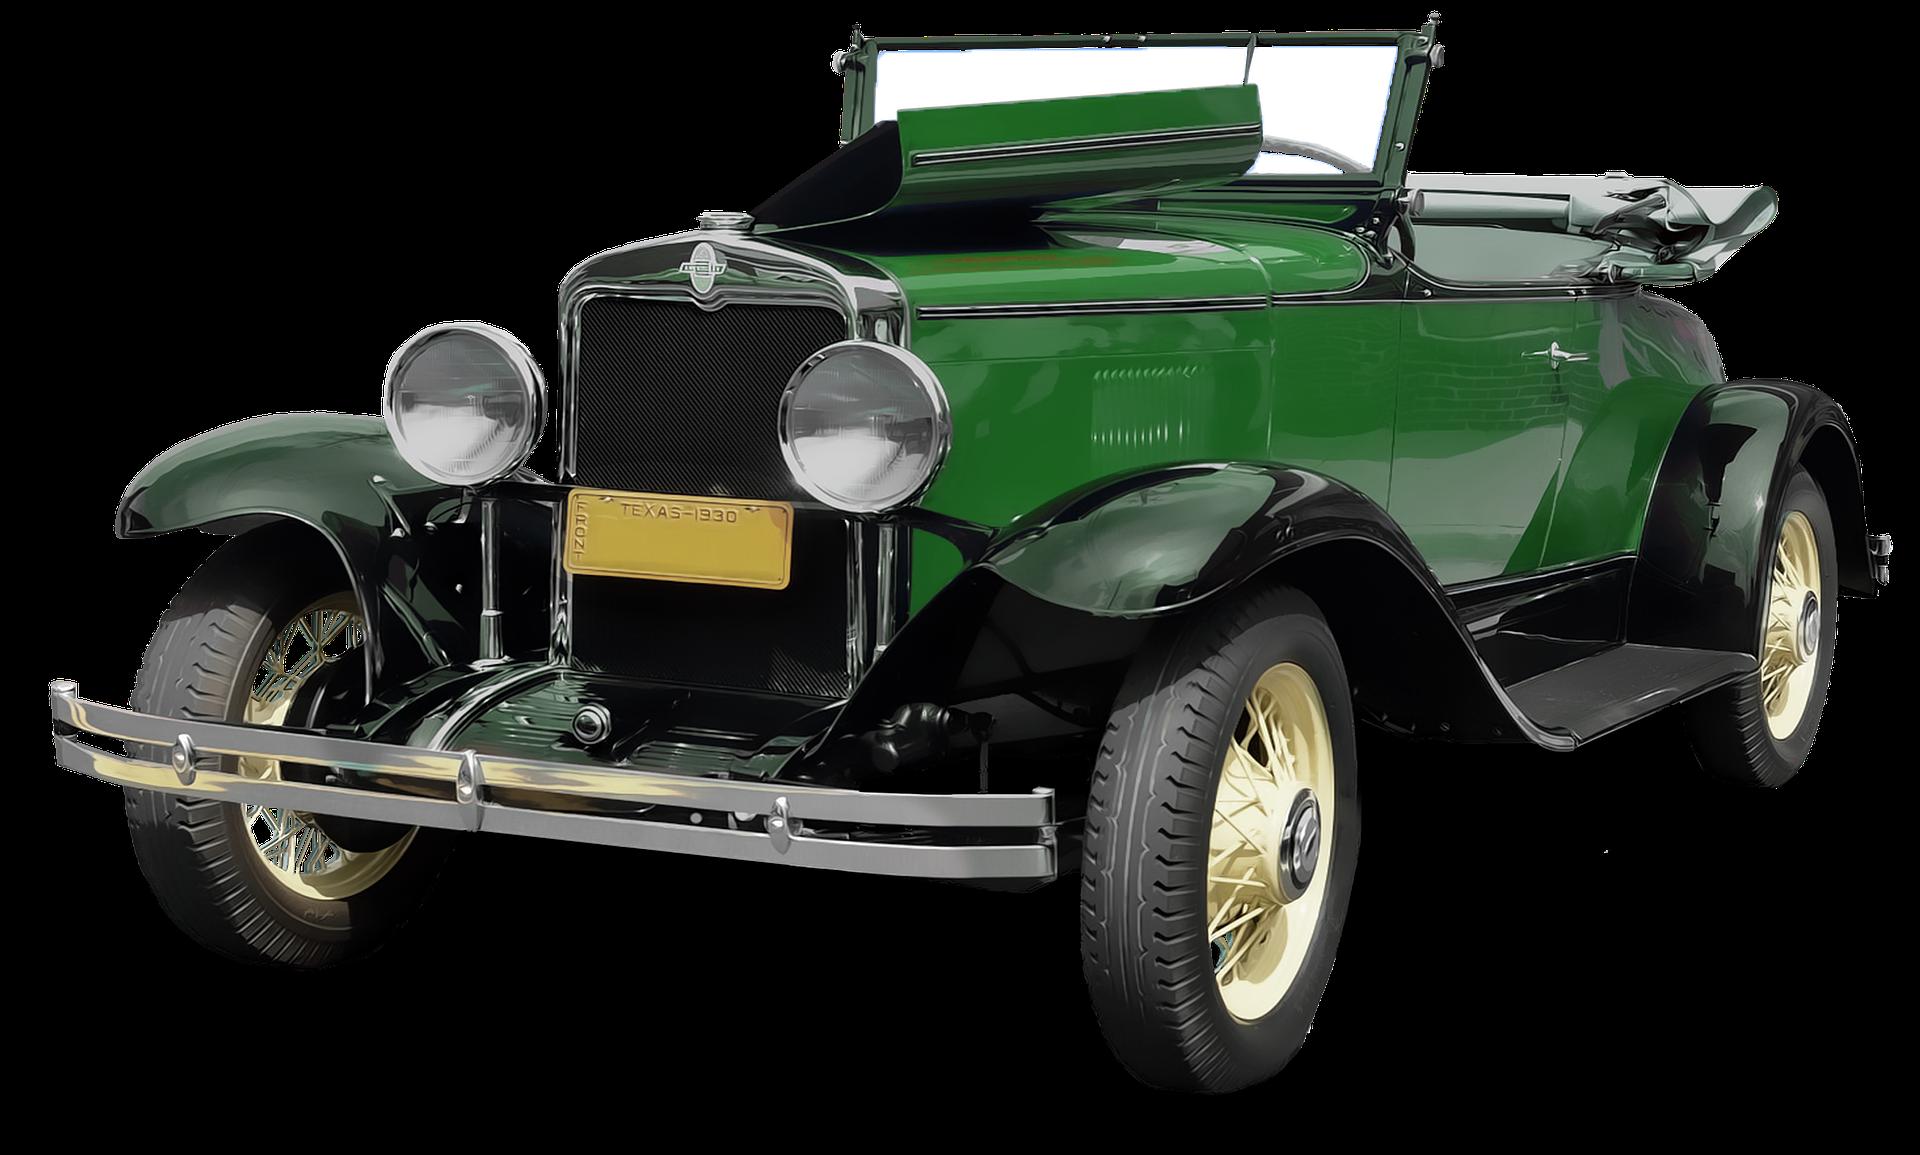 Oldtimer Car PNG Image